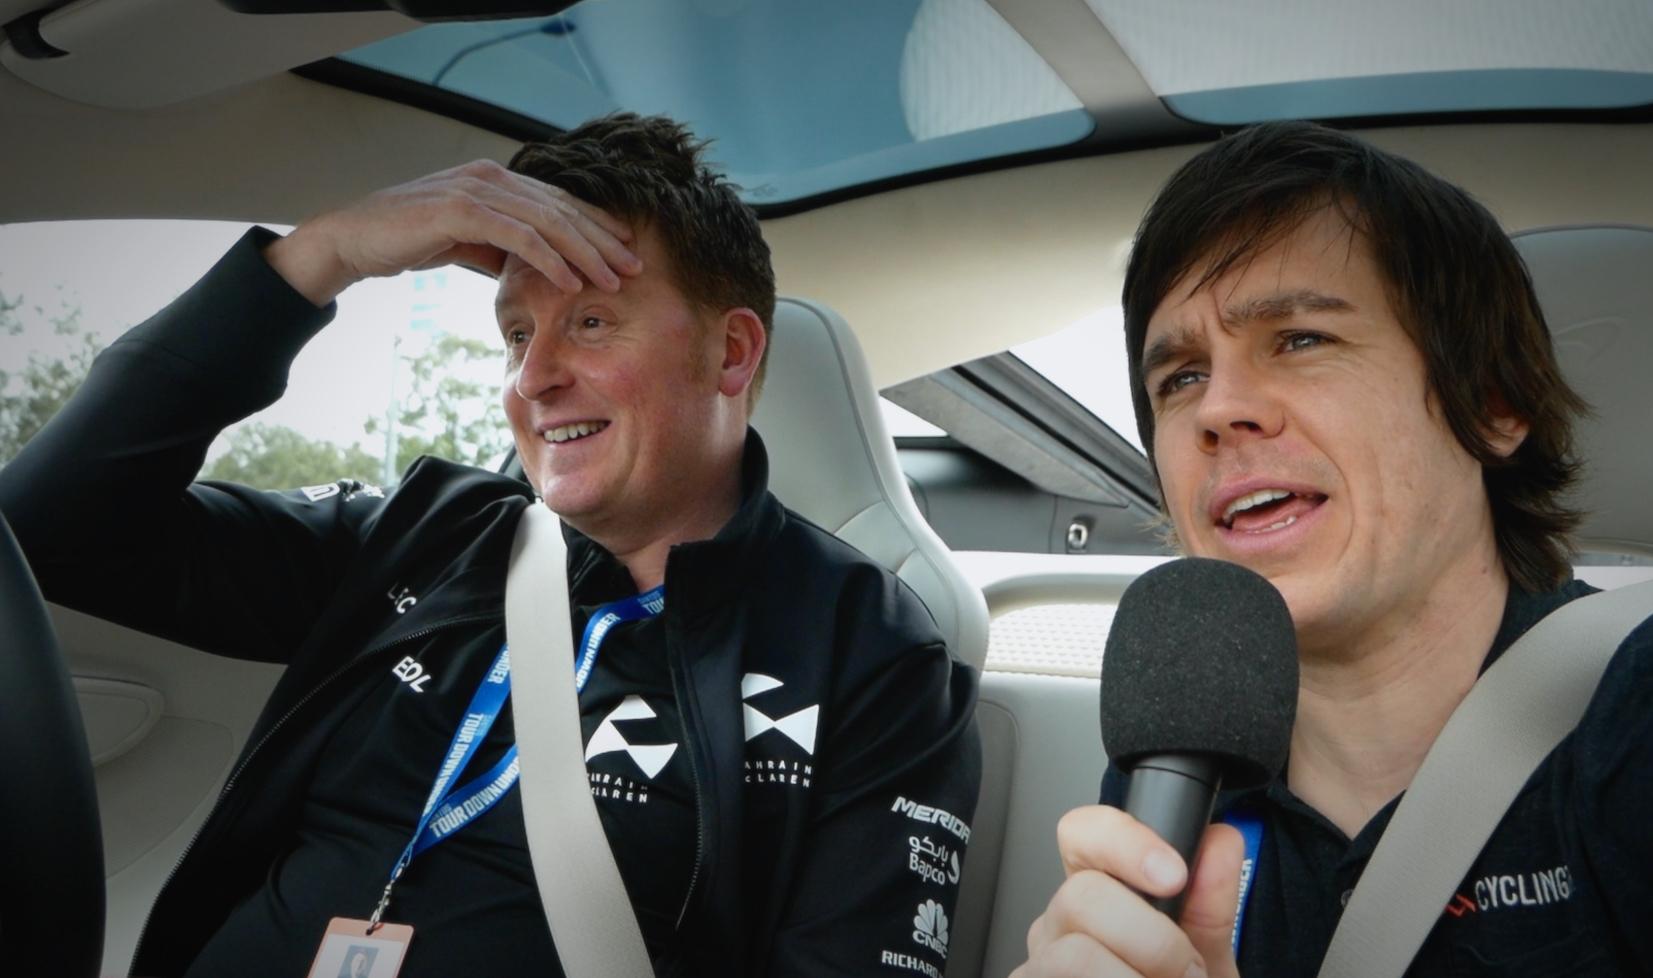 Shoddy in a McLaren: Cavendish's new boss is better than Uber